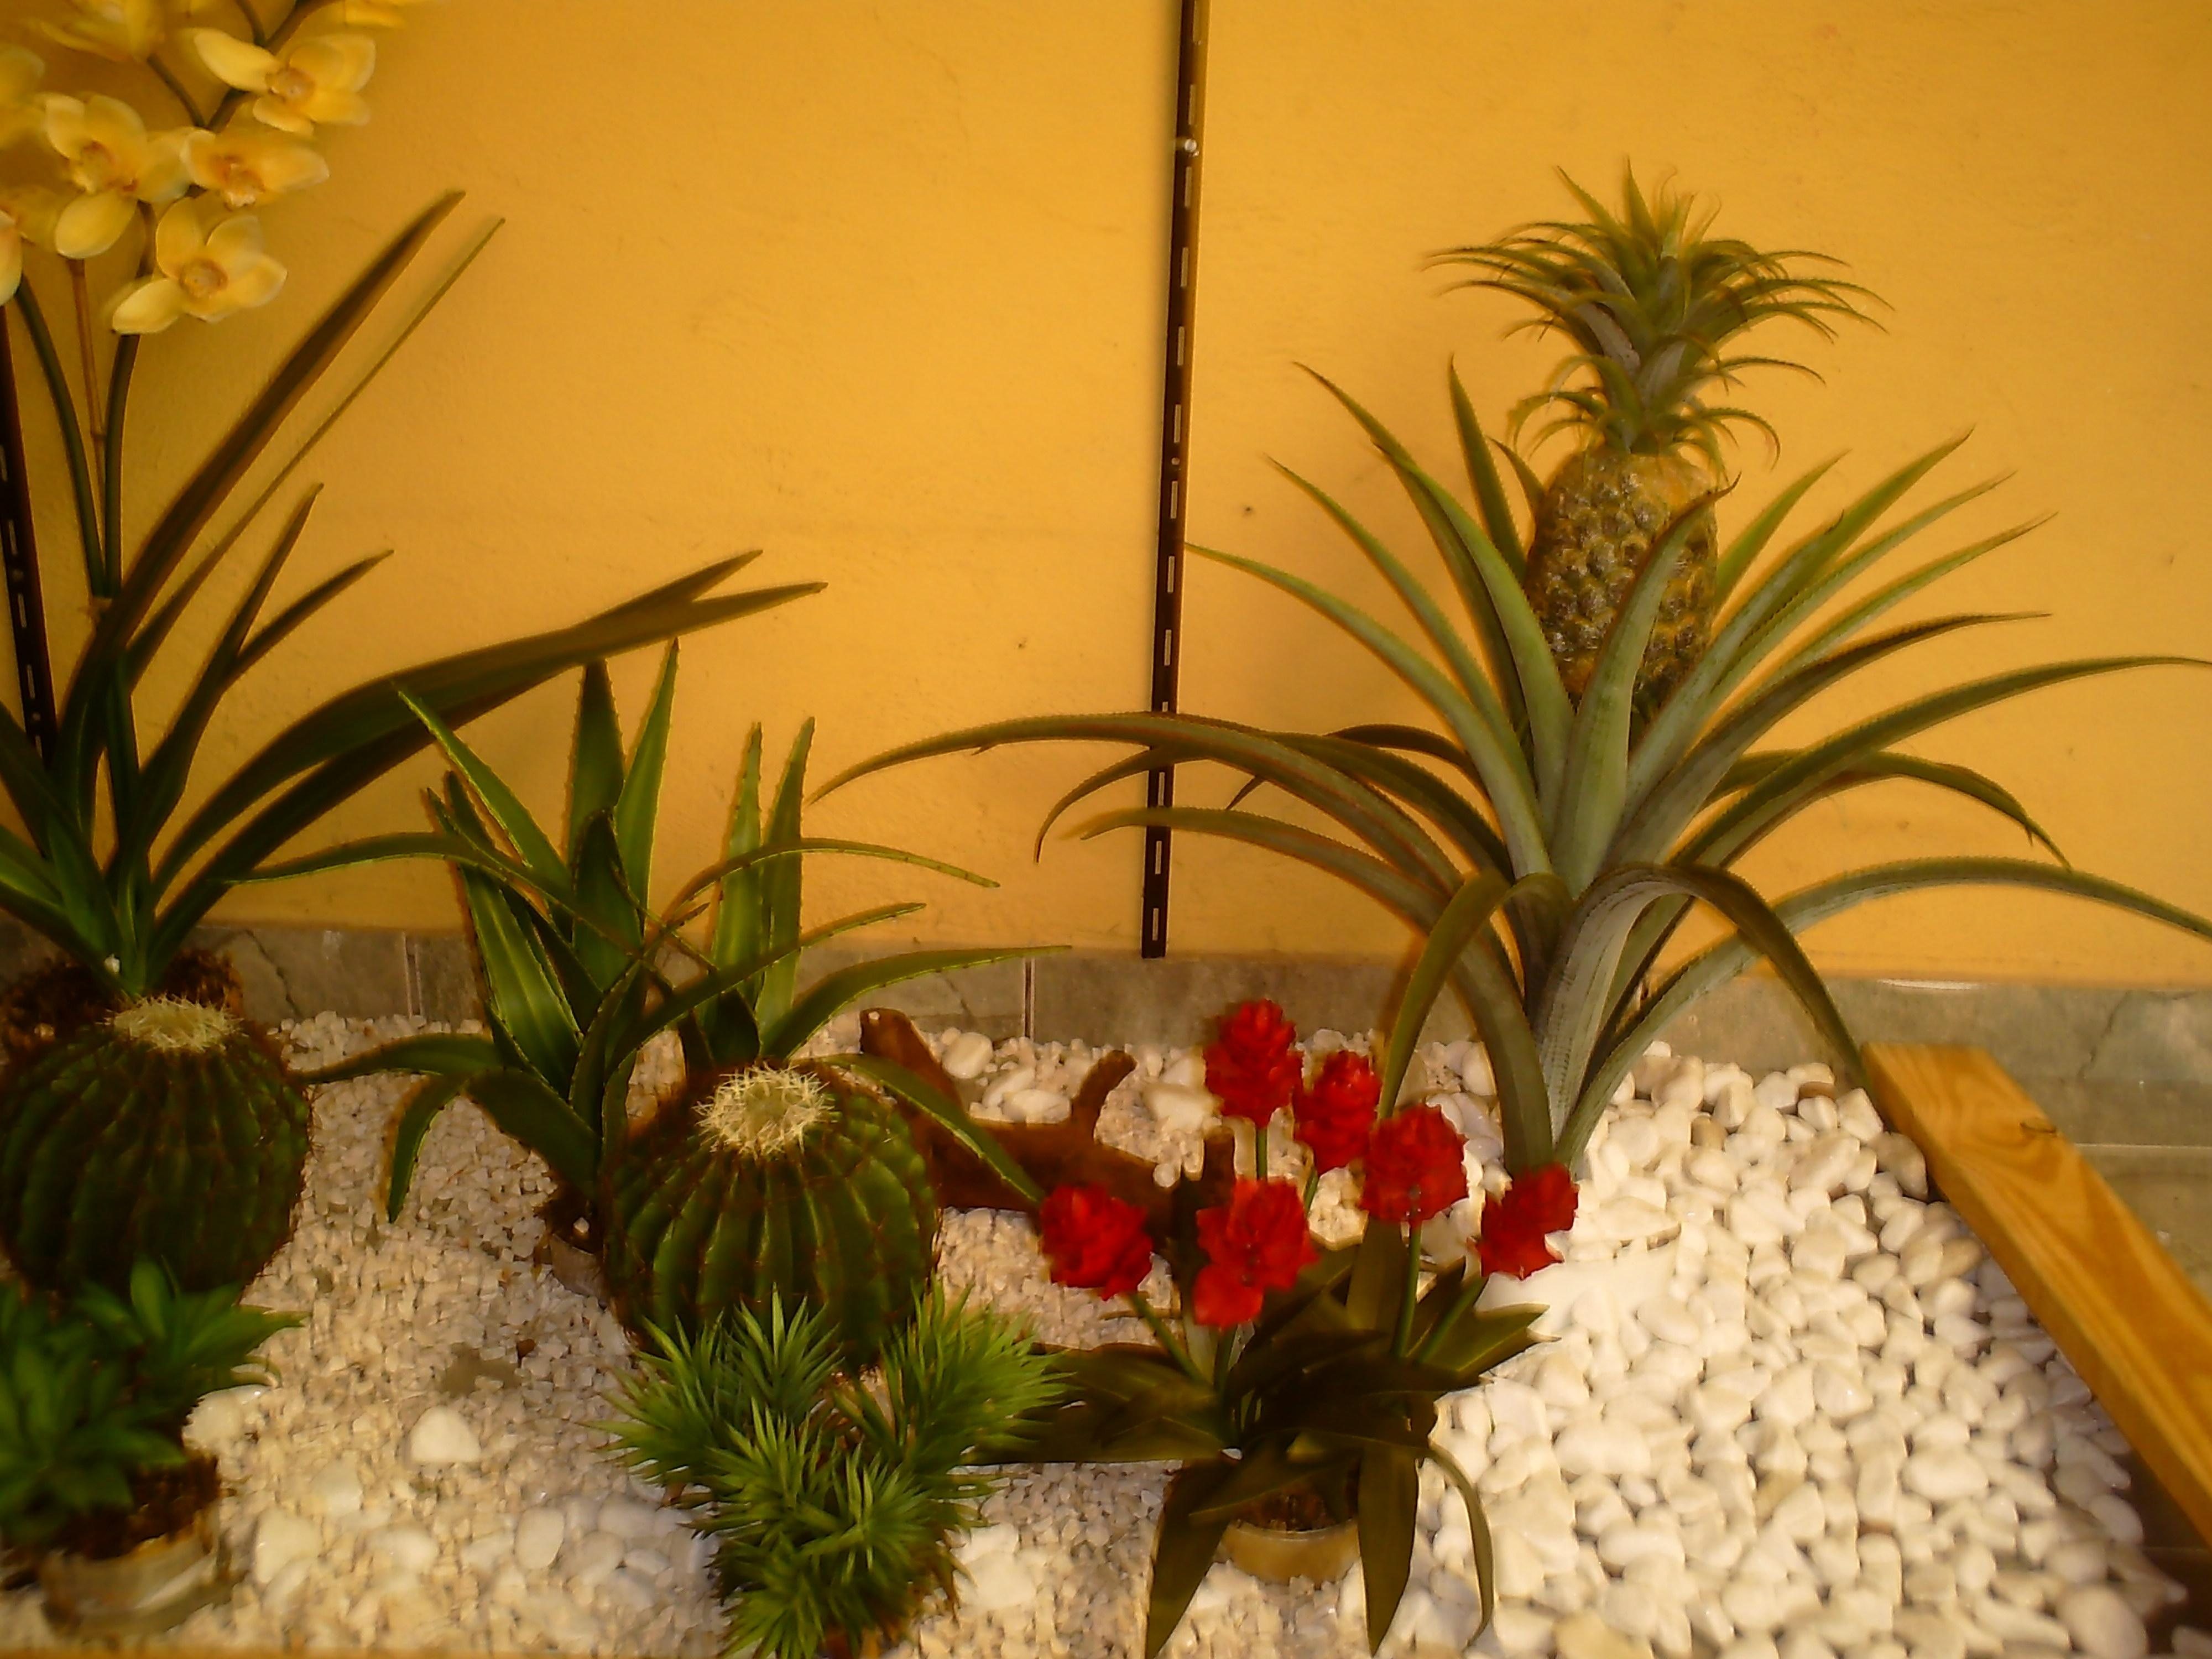 flores para jardim de inverno : flores para jardim de inverno:jpeg 1326kB, Jardim de cactos e bromelias naiara plantas jardim de